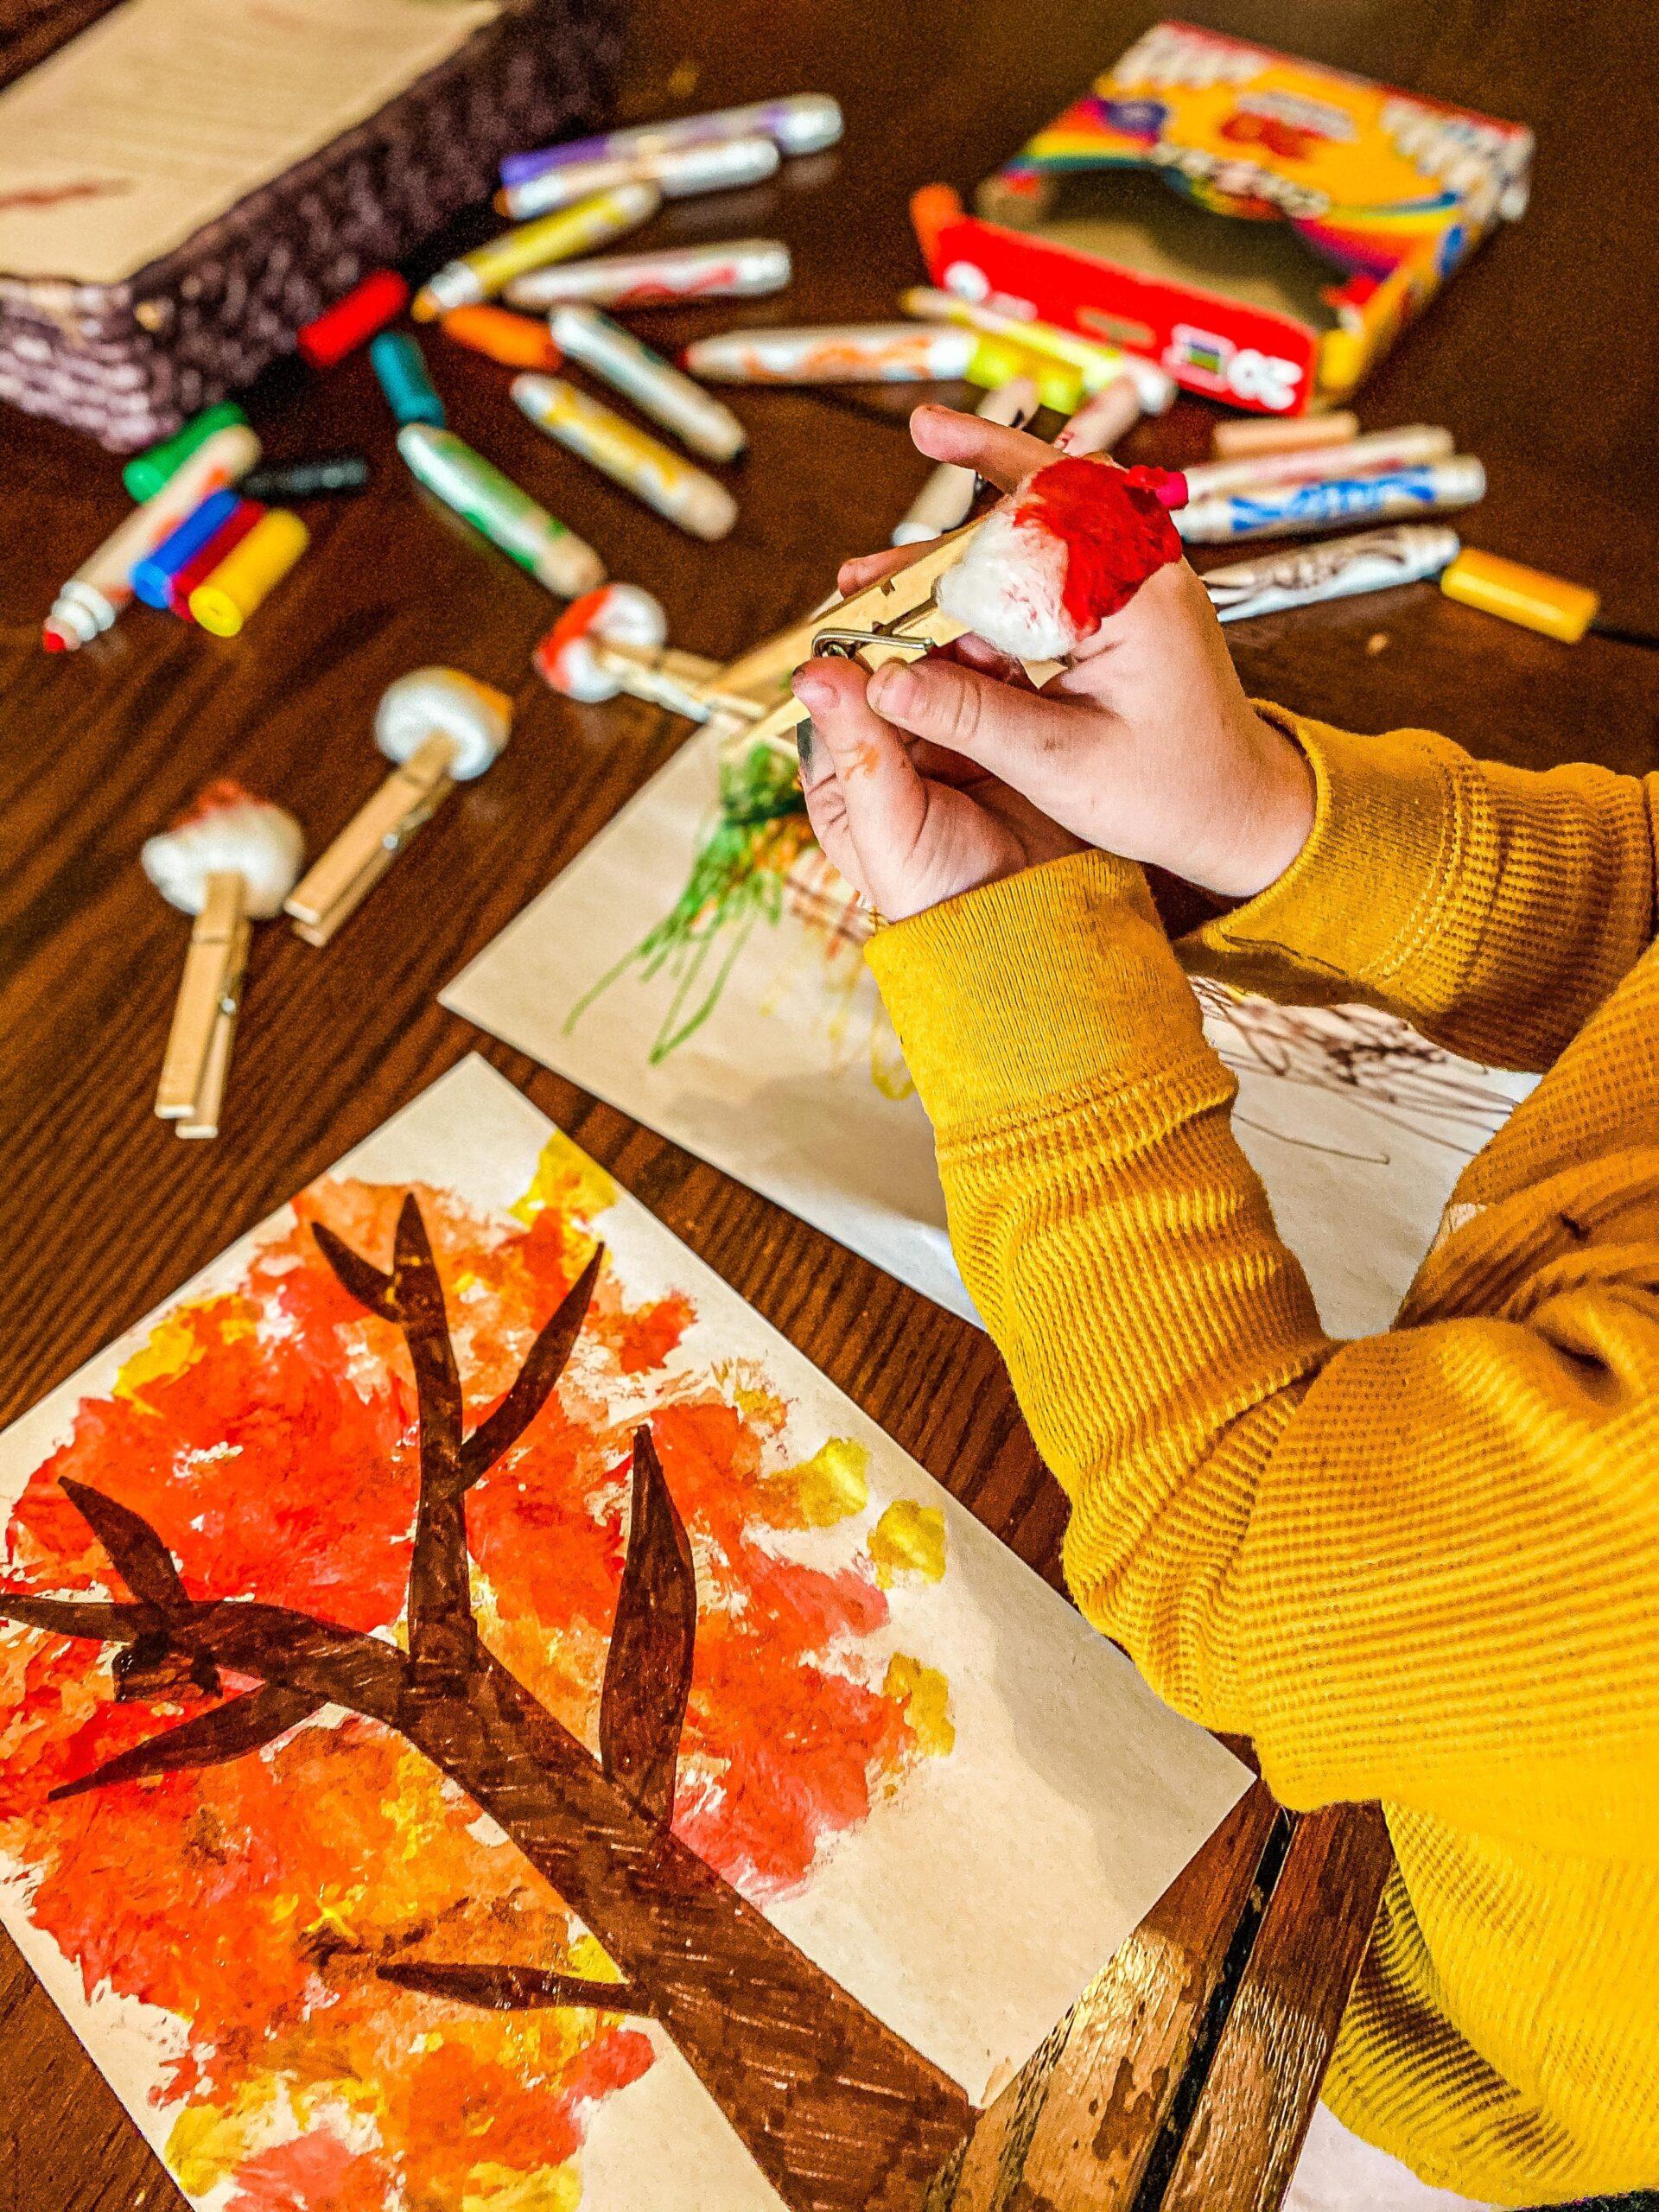 Autumn Tree Cotton Ball Painting Craft